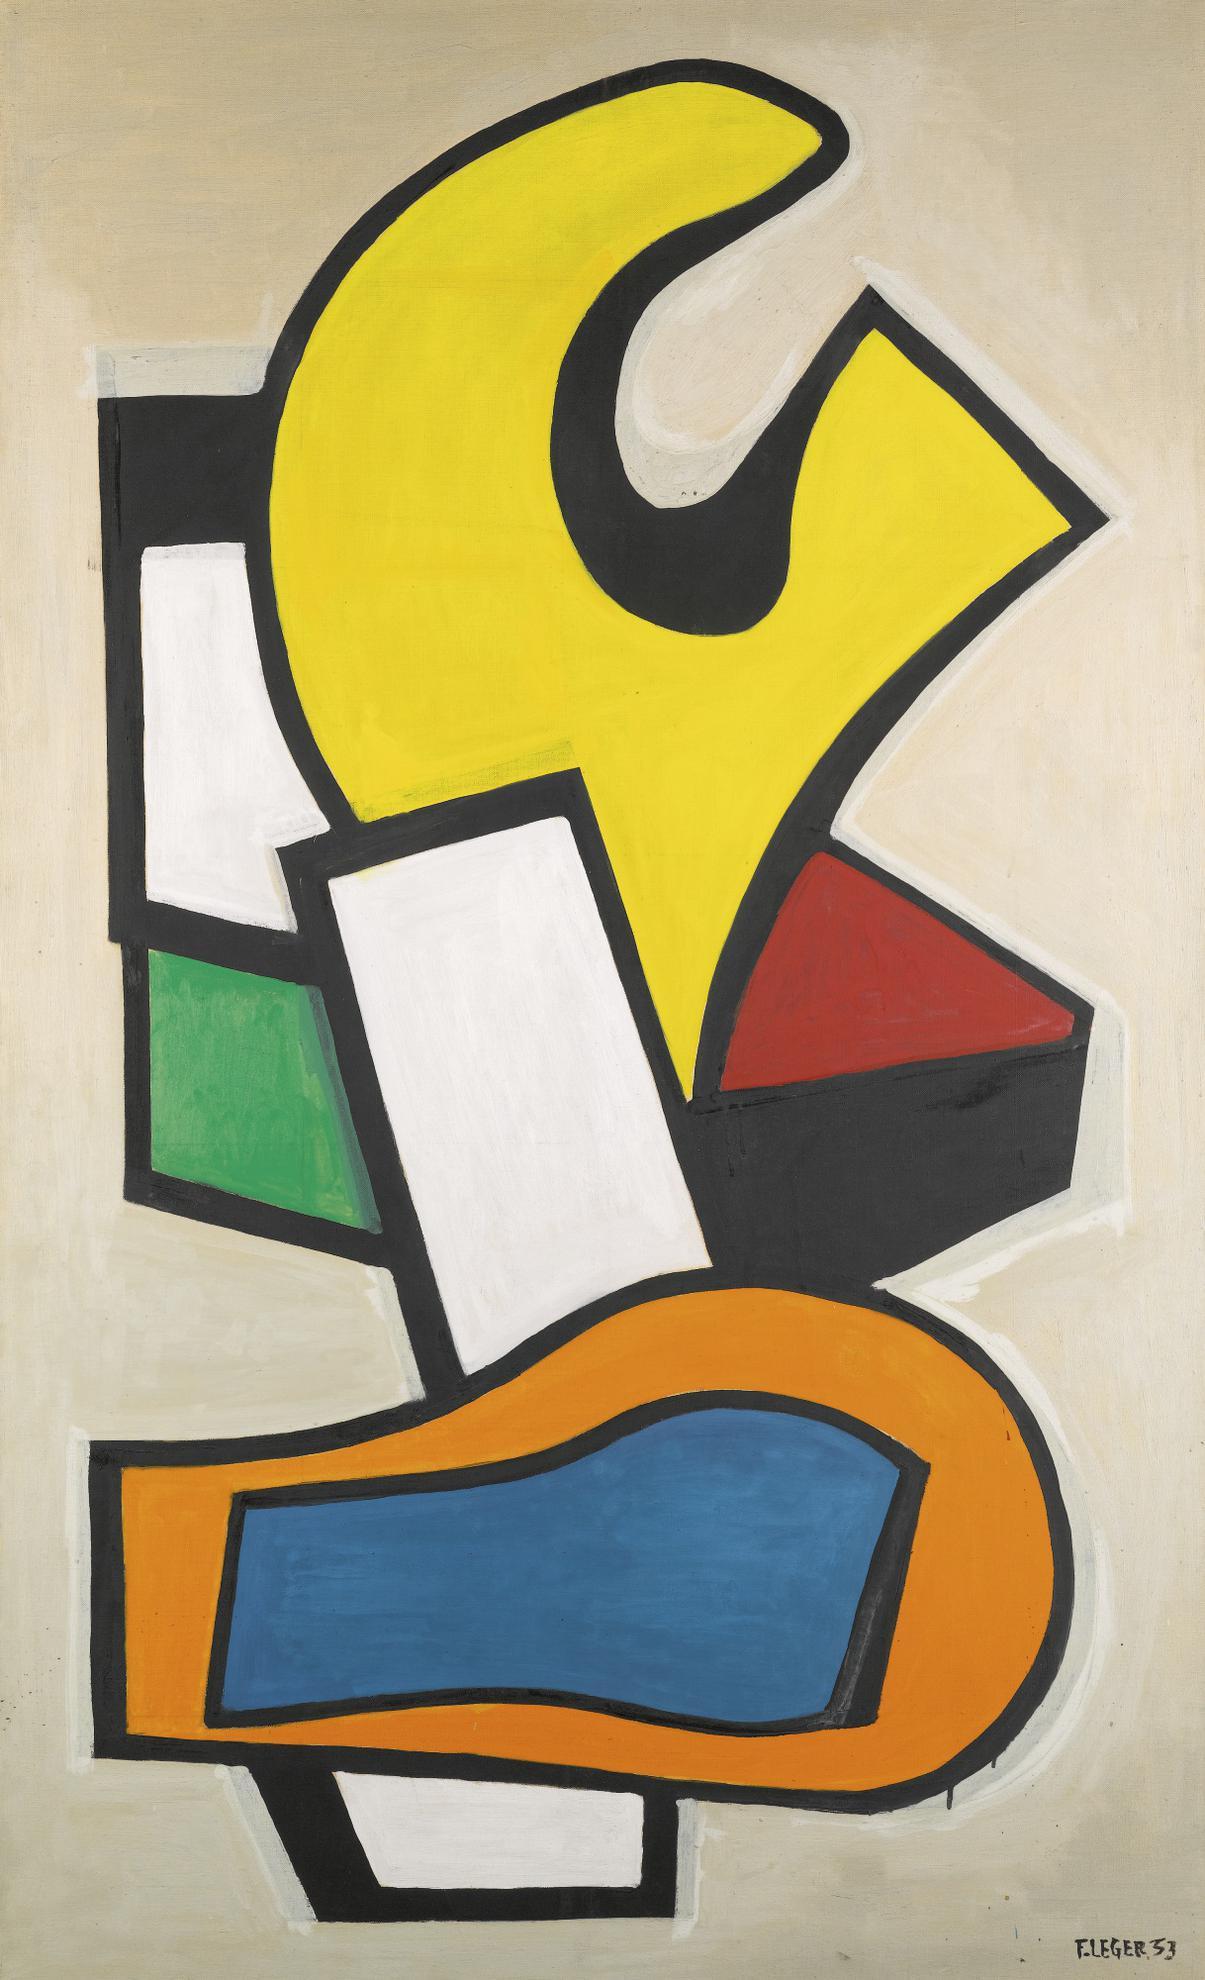 Fernand Leger-Composition Murale Sur Fond Jaune-1953